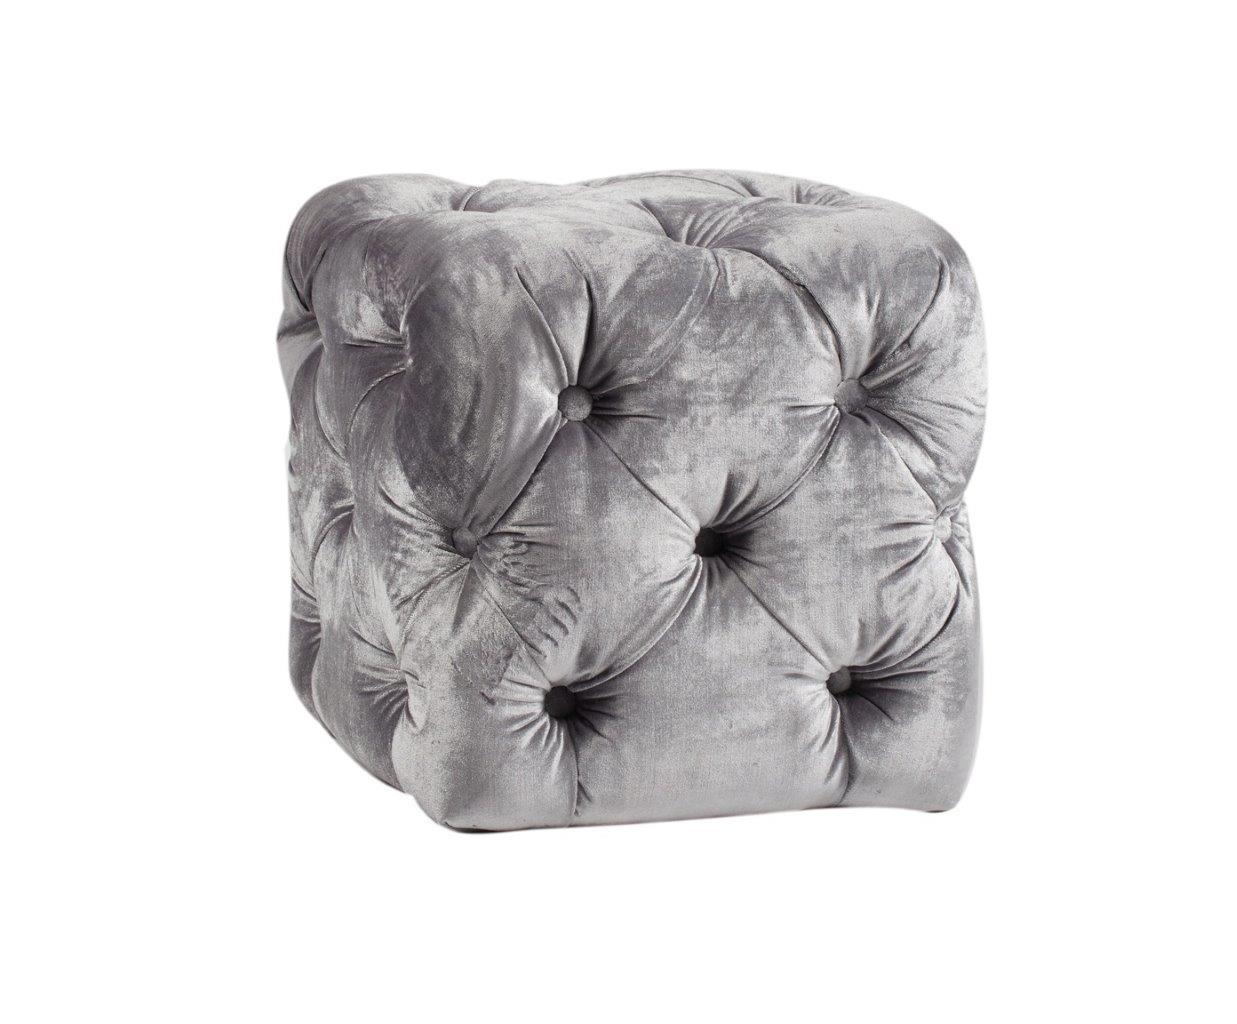 Пуф Manele GrisФорменные пуфы<br>Пуф Manele Gris — надежный и долговечный вариант с жестким деревянным (береза) каркасом, мягким сиденьем из мебельного поролона, выполнен в виде небольшого куба. Обивка пуфа выполнена натуральной тканью (лён) серого цвета в технике капитоне, что придает ей классическую элегантность.<br><br>Material: Текстиль<br>Width см: 42<br>Depth см: 42<br>Height см: 42,3